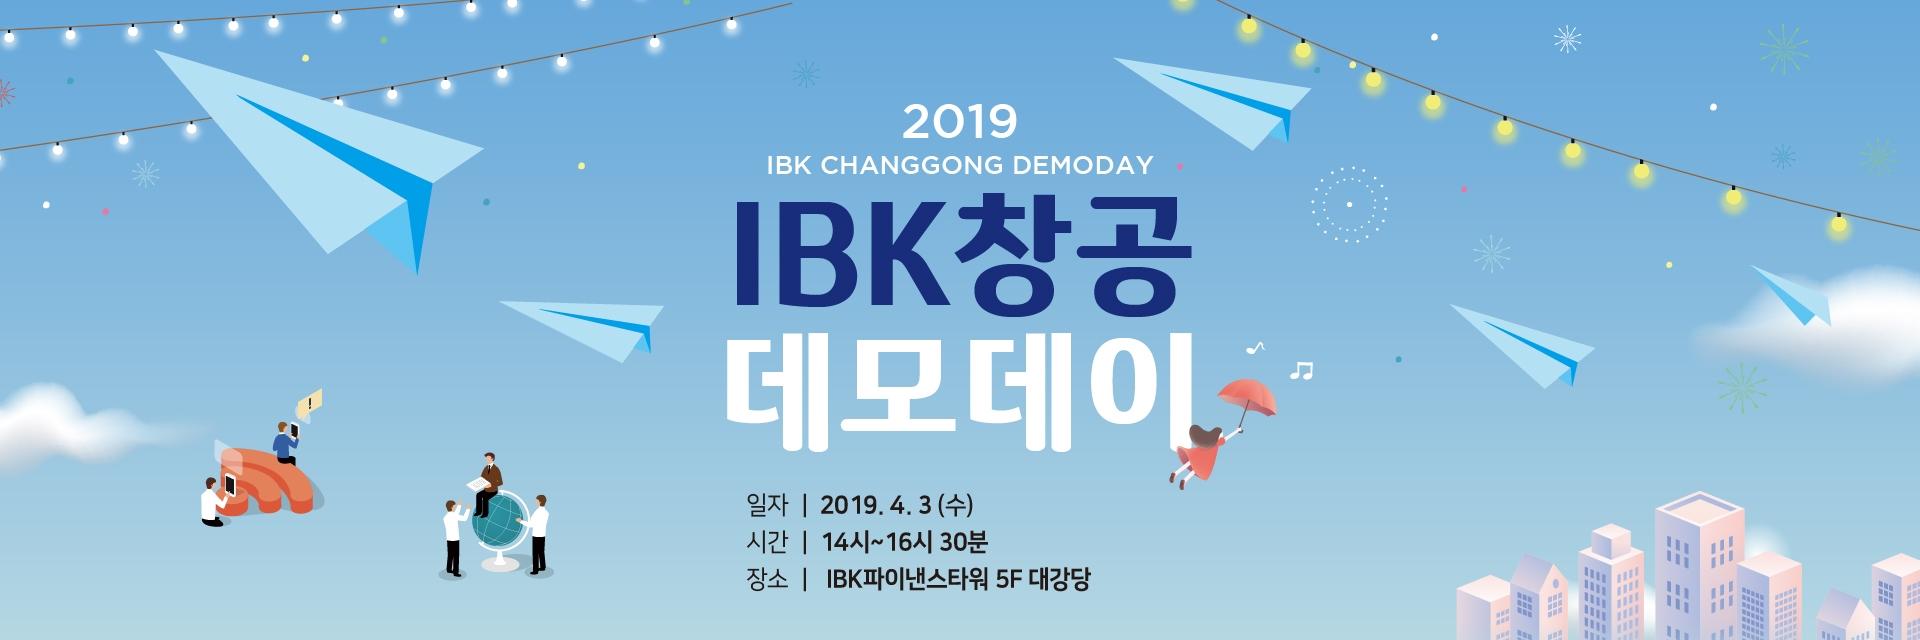 이벤터스_2019 IBK창공 데모데이